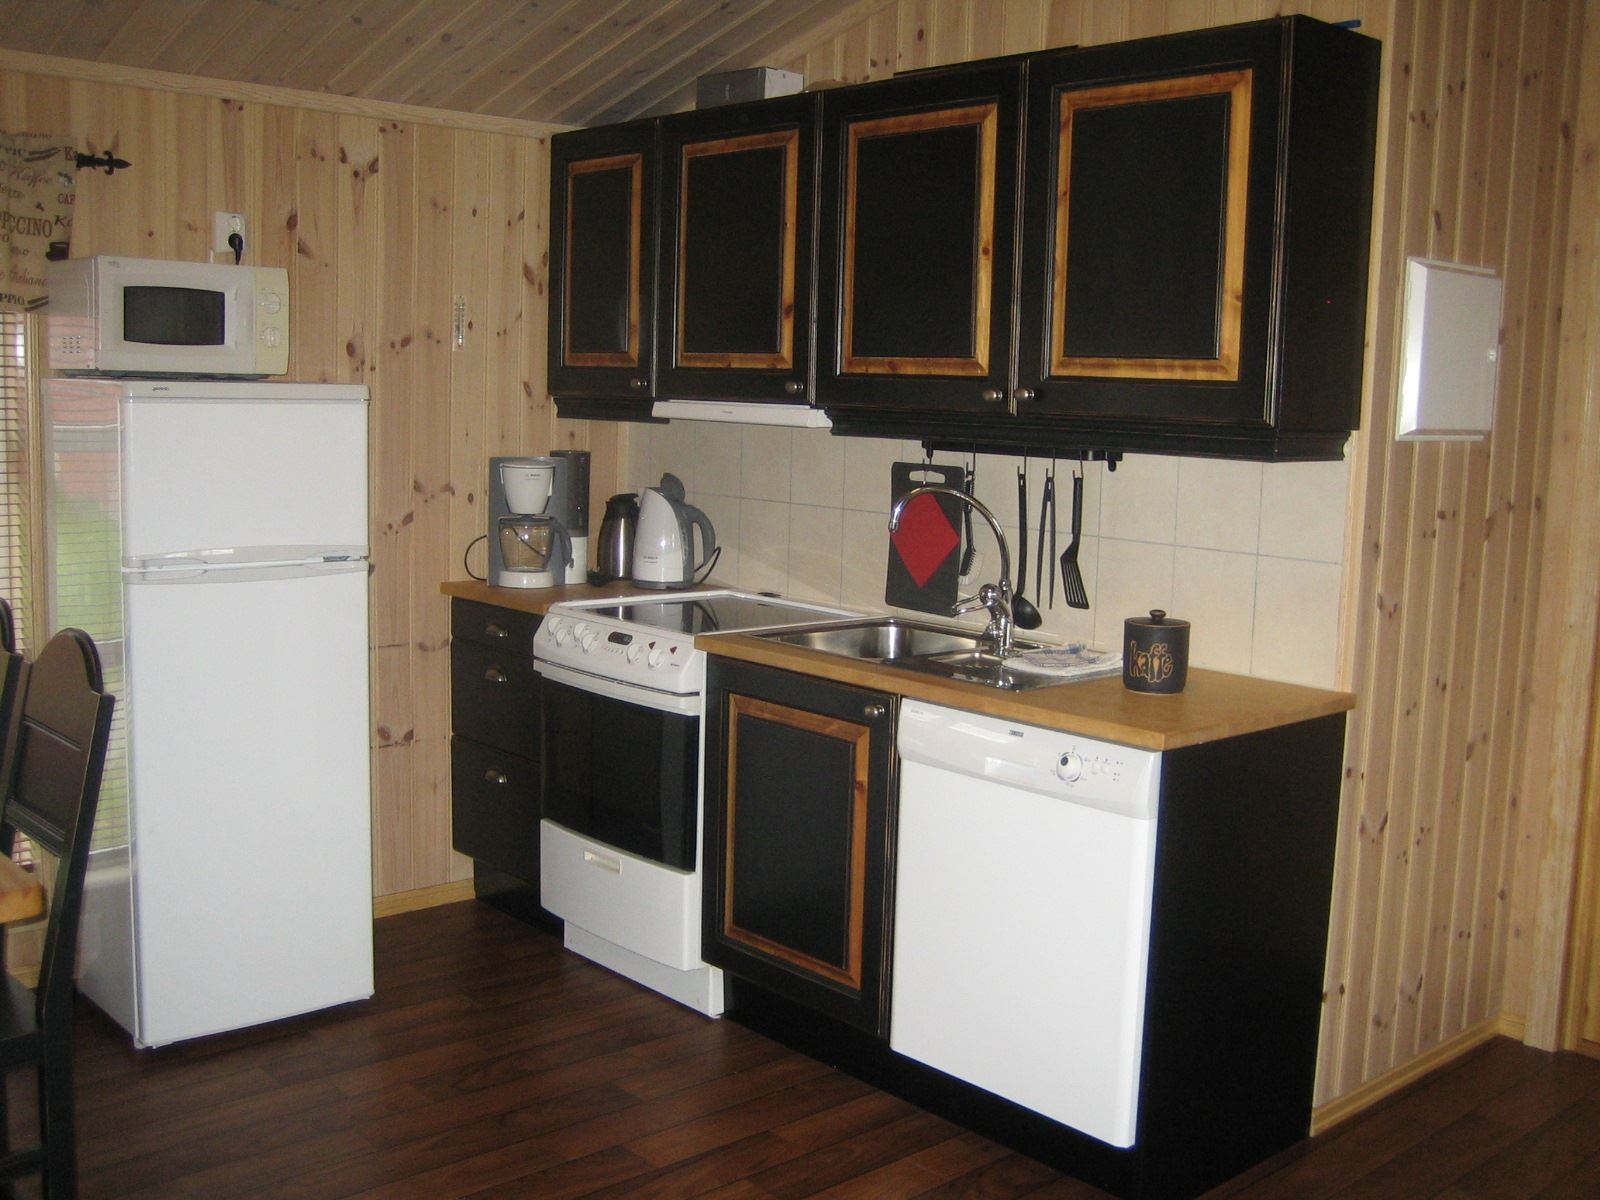 Røste Hyttetun og Camping (Røste Cabins & Camping)